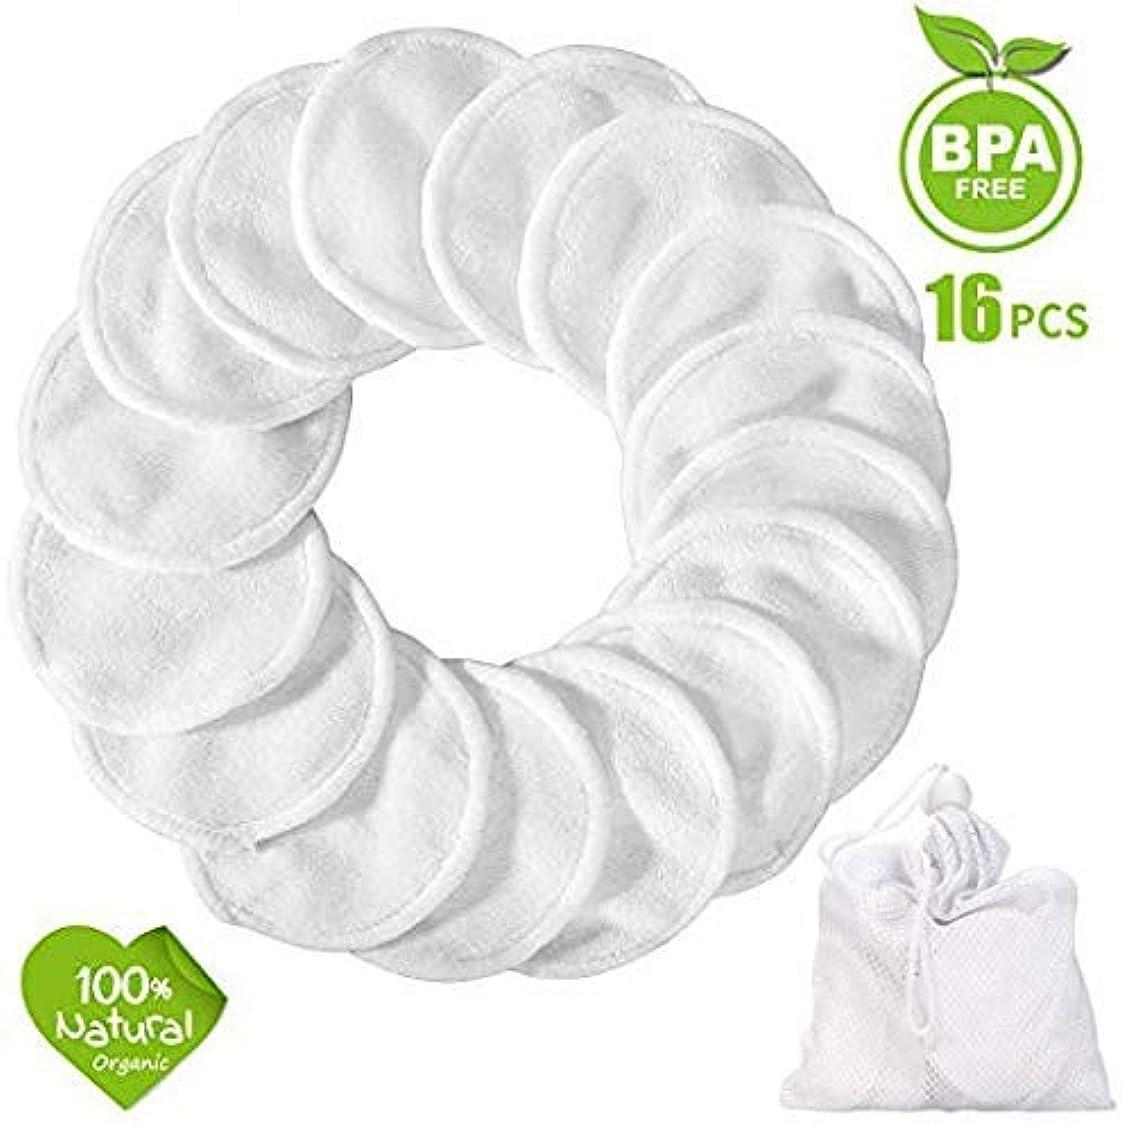 ボウリング未満心理的メイク落とし再使用可能な構造の除去剤のパッド16のパック、洗濯袋が付いている洗濯できるタケ綿パッド